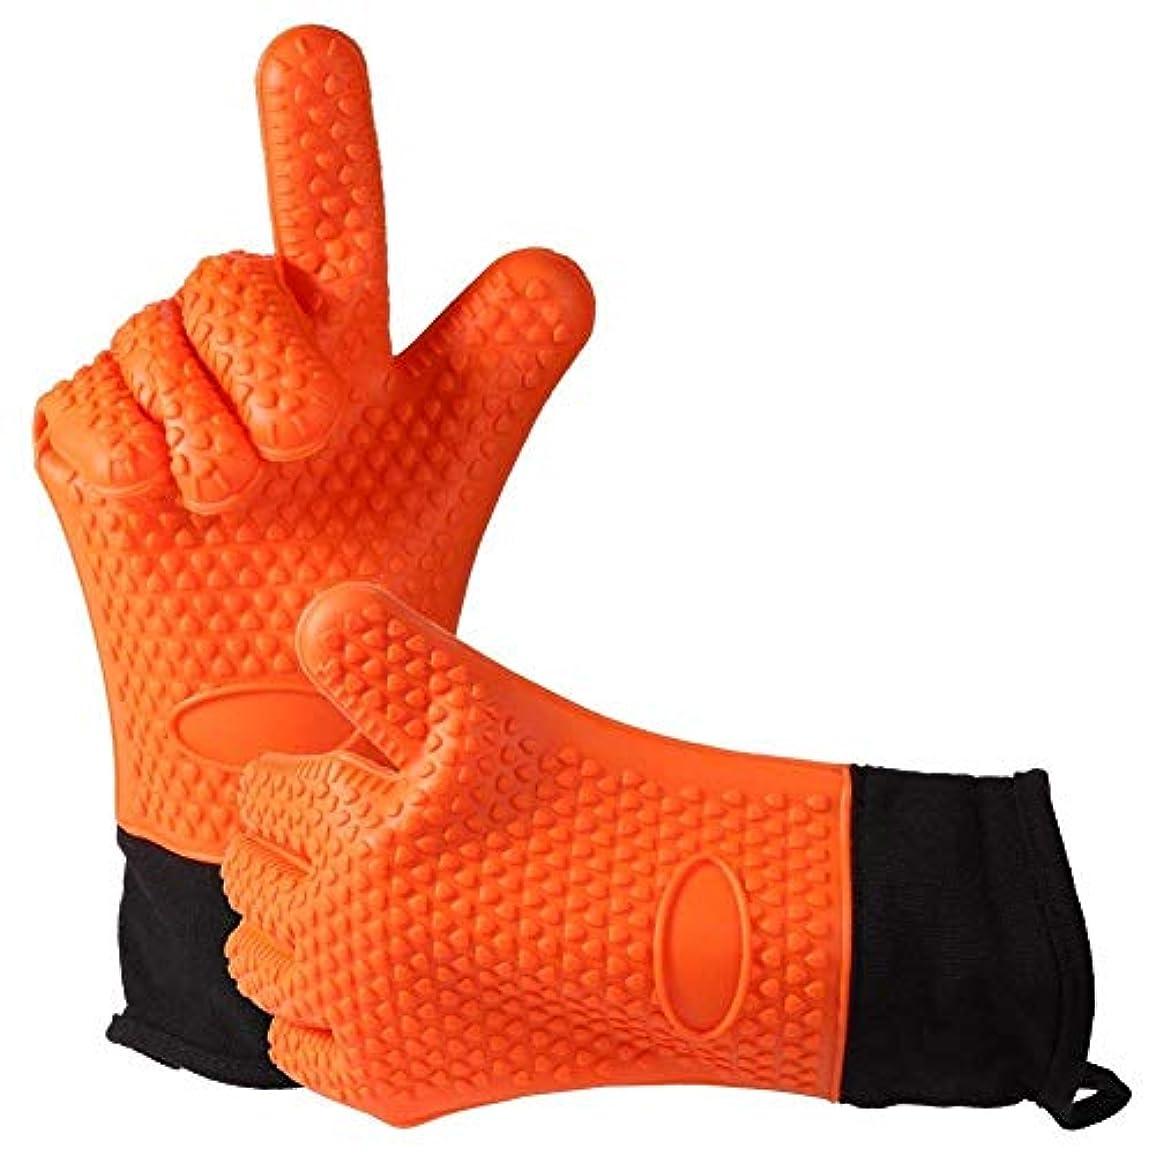 精査アルミニウム目に見える手袋 耐熱グローブ シリコン ンオーブン 一对